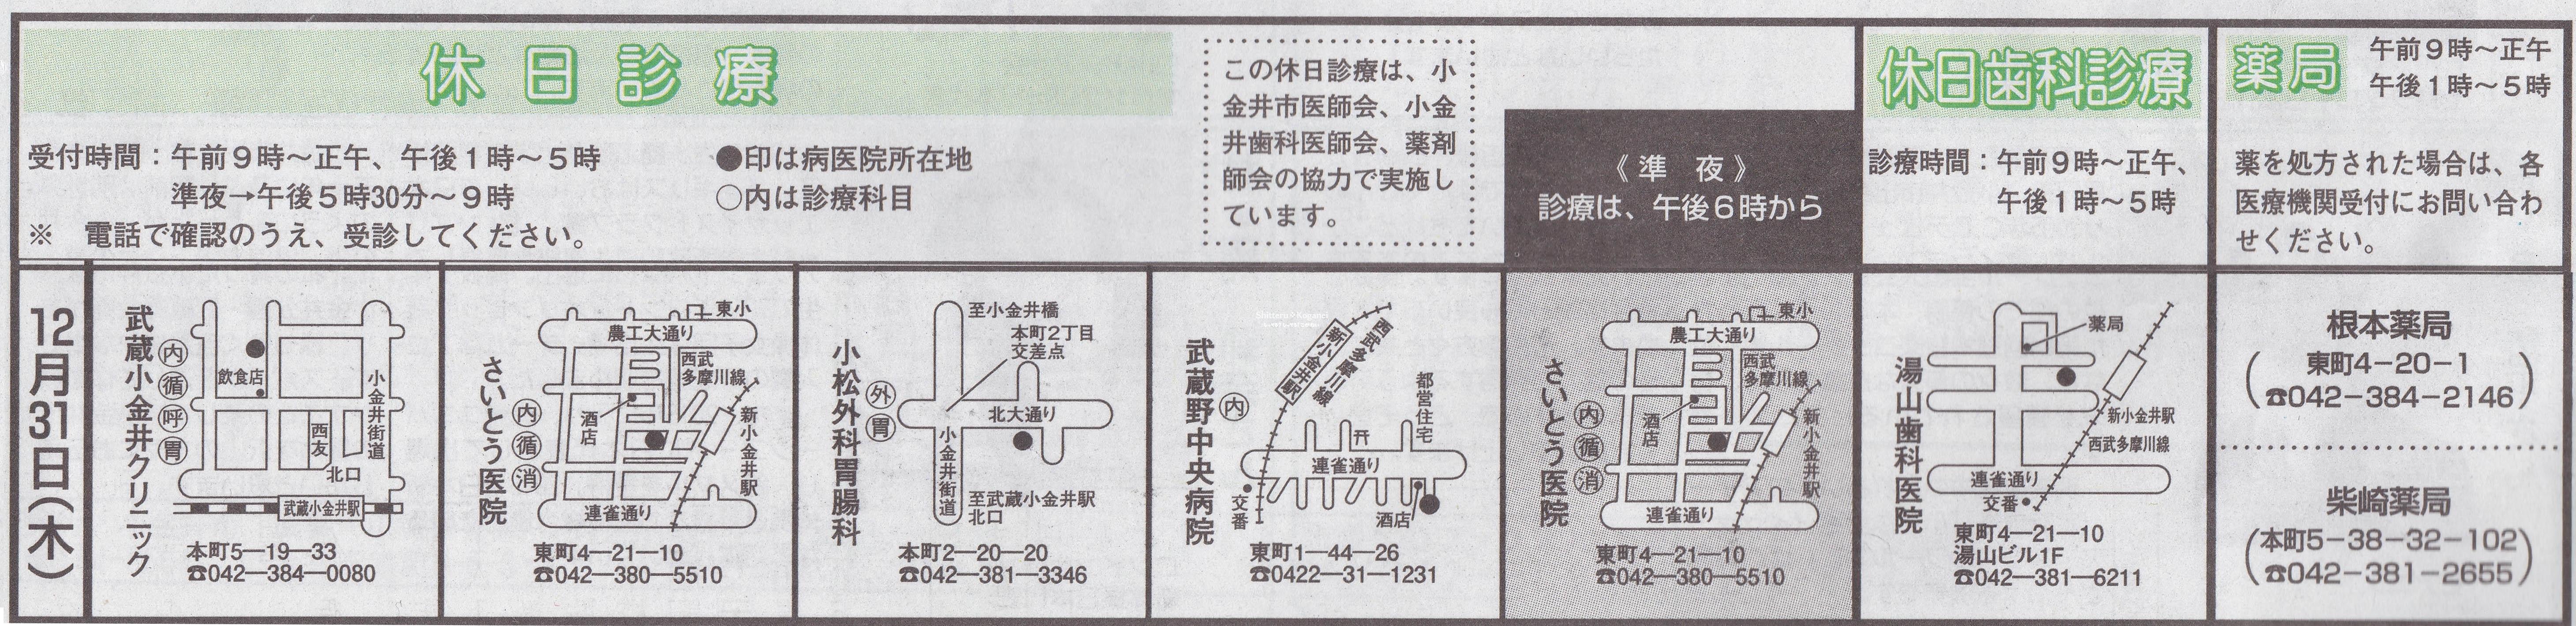 小金井市休日診療TOP_20160131